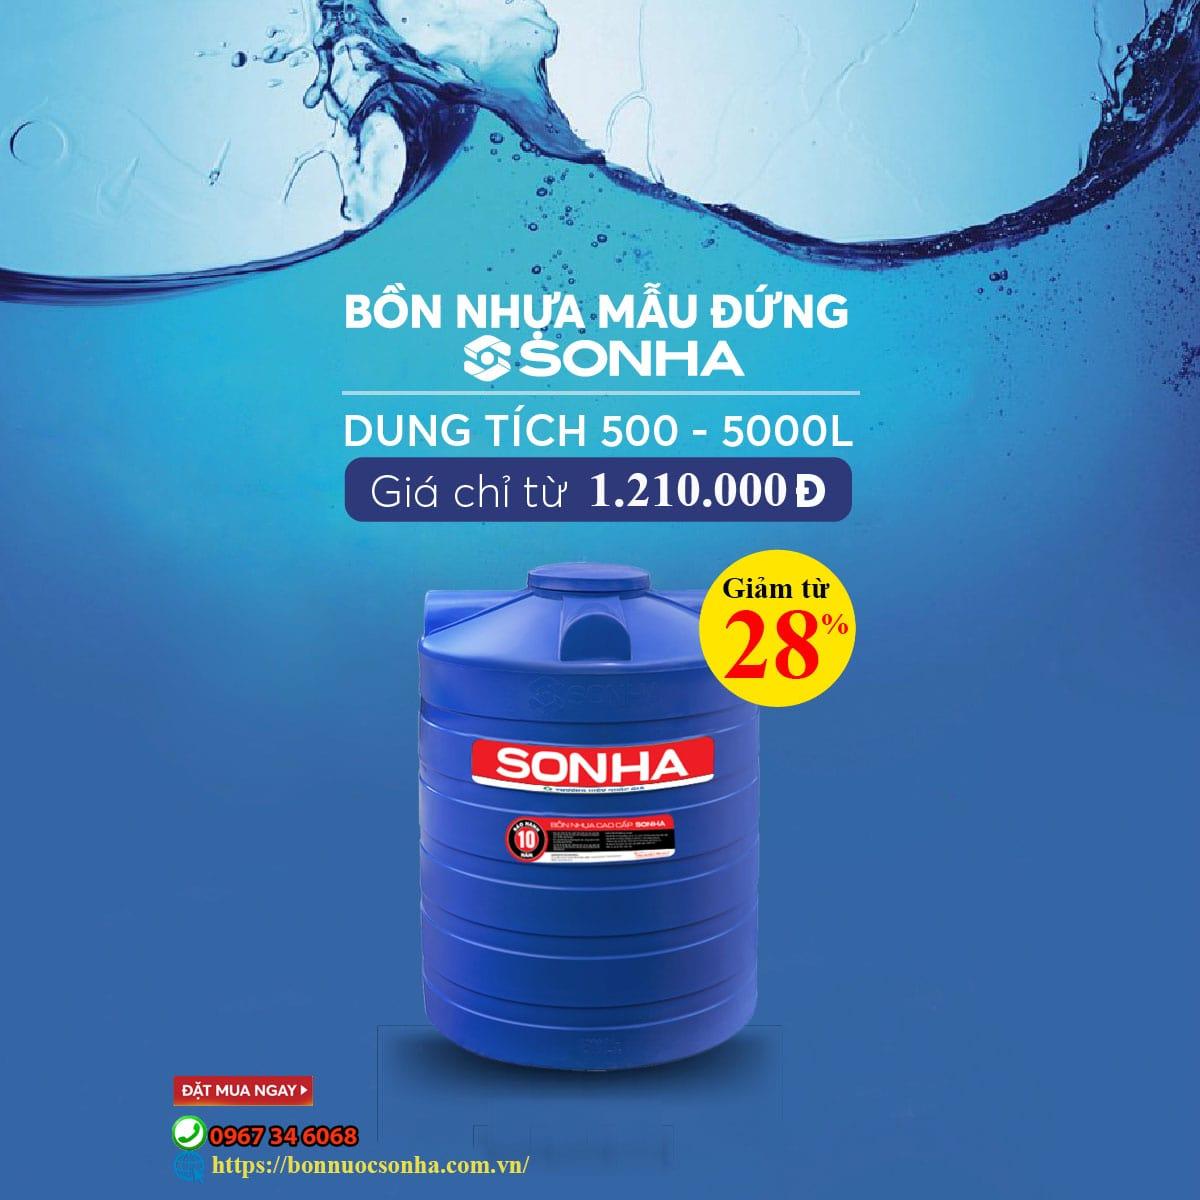 Bon Nhua Mau Dung Min